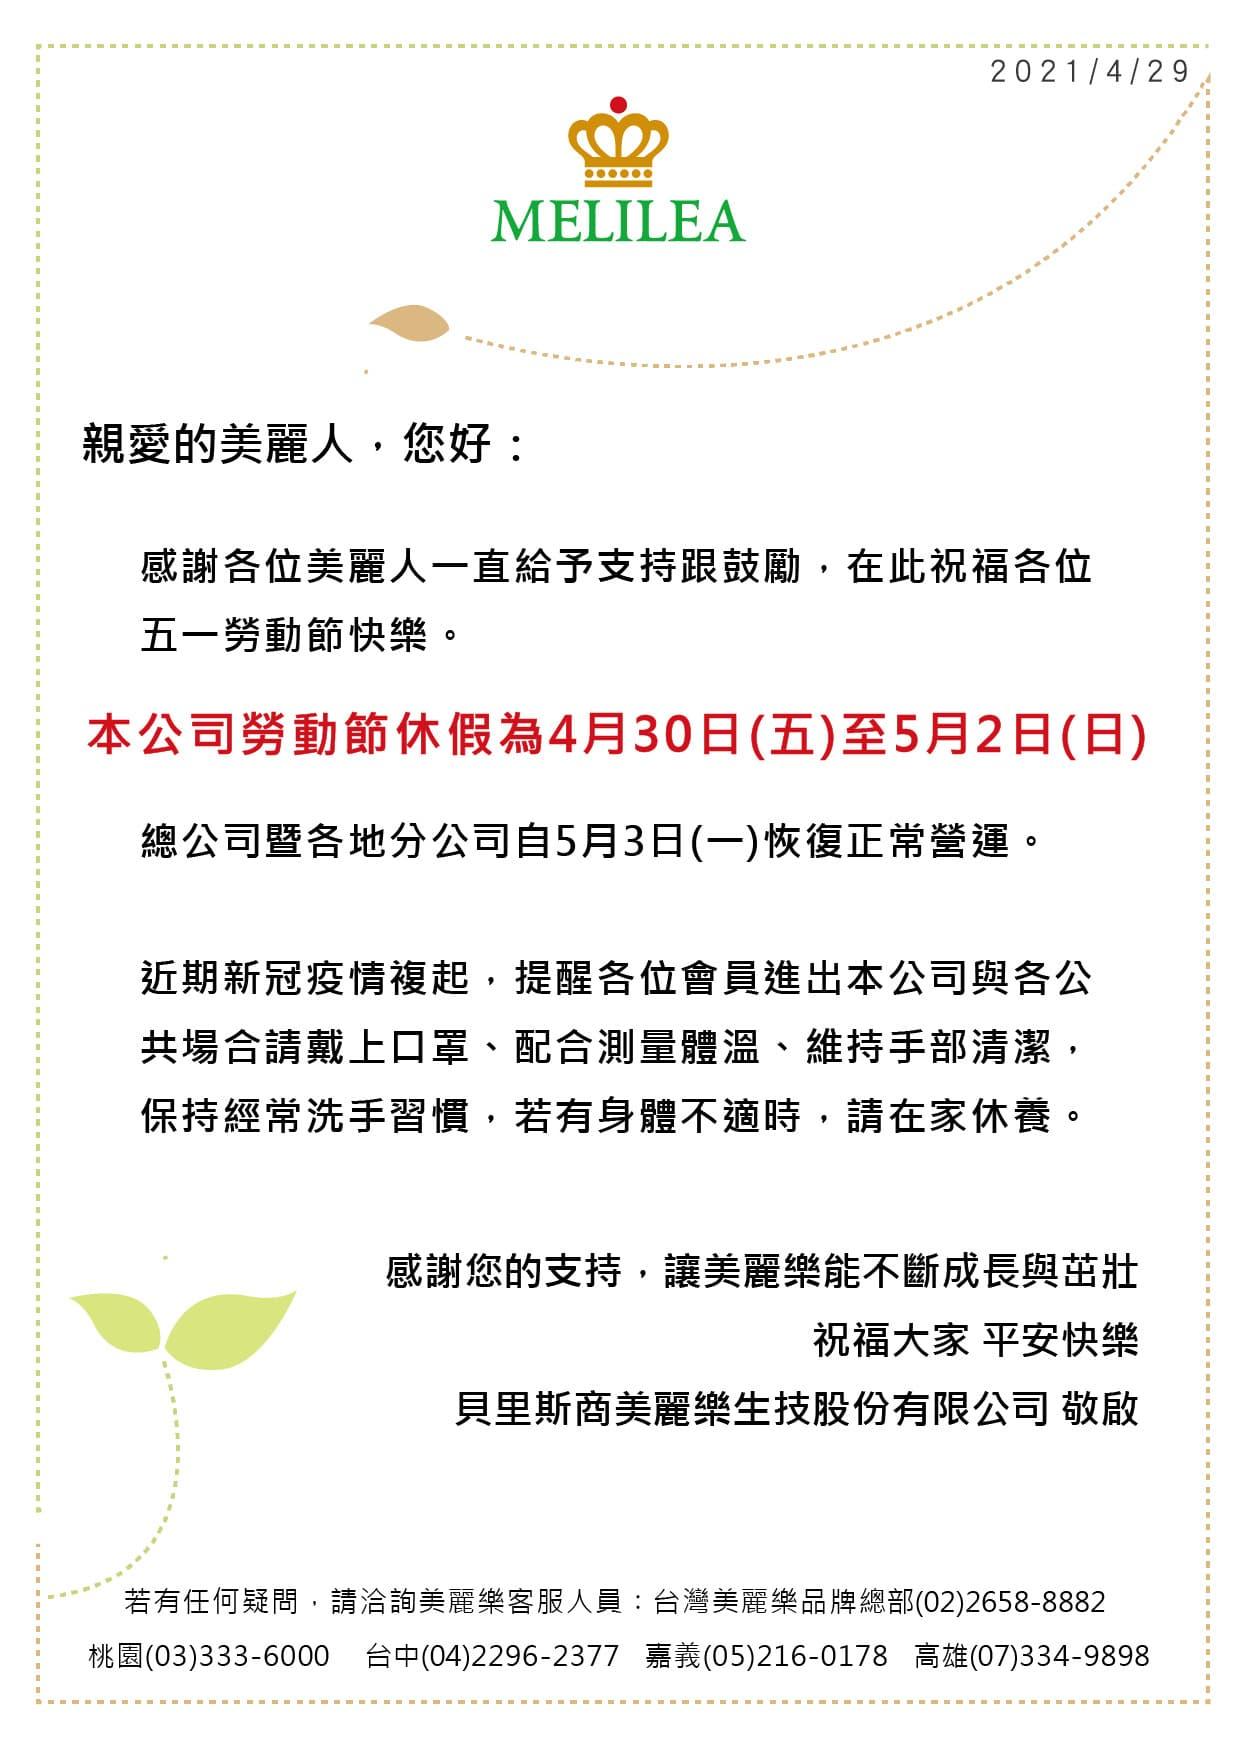 0429勞動節公告-01 (1)